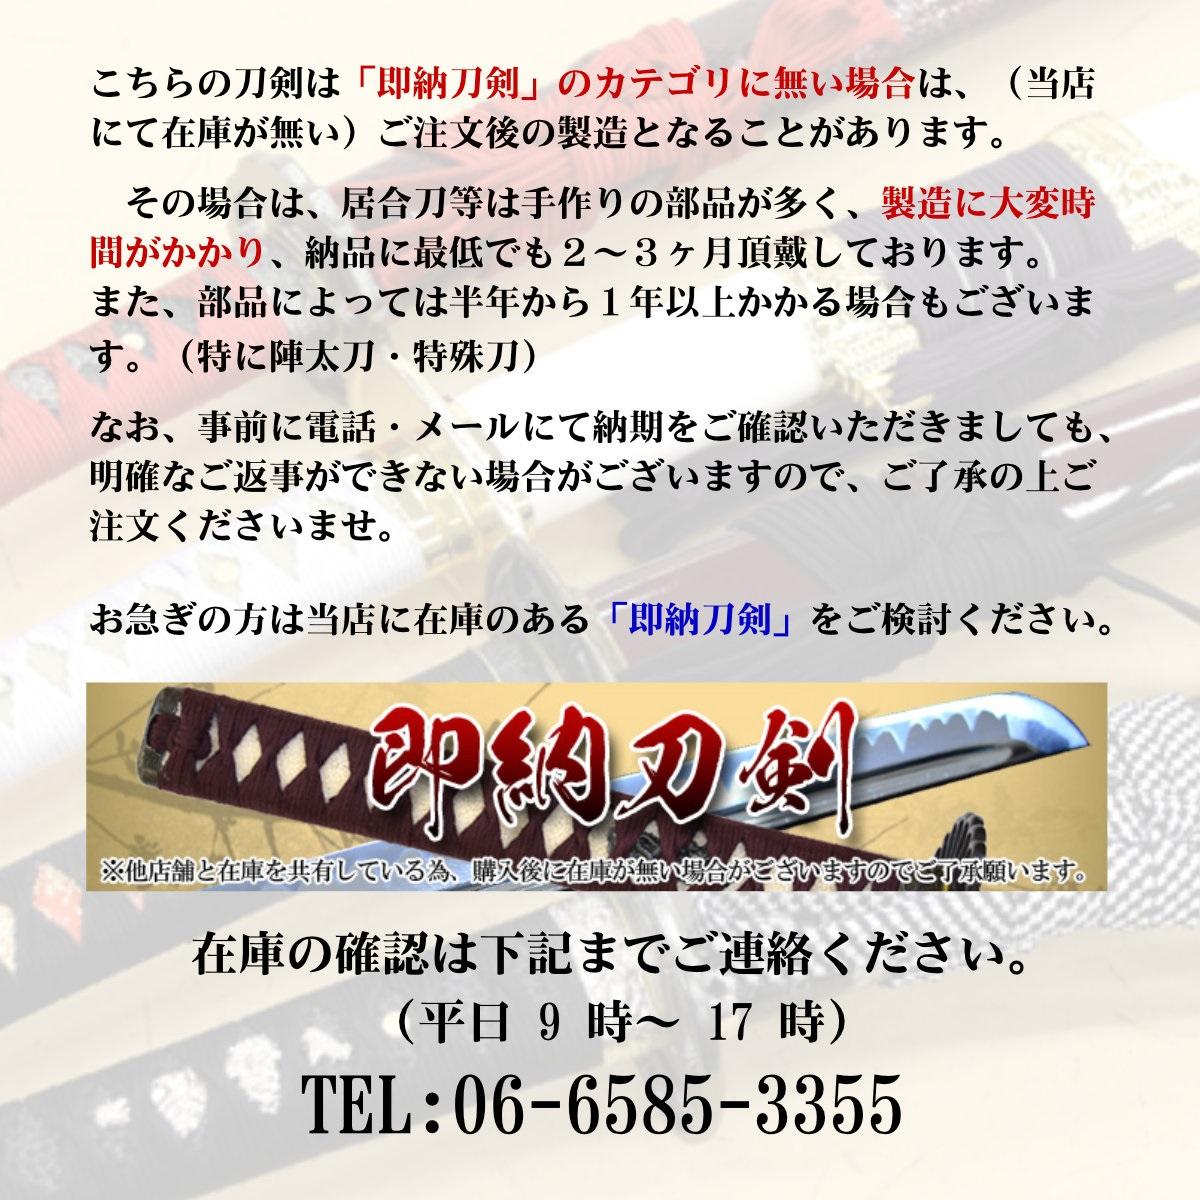 高級居合刀 上杉謙信拵え 姫鶴一文字-本革仕様-(刀袋付き)